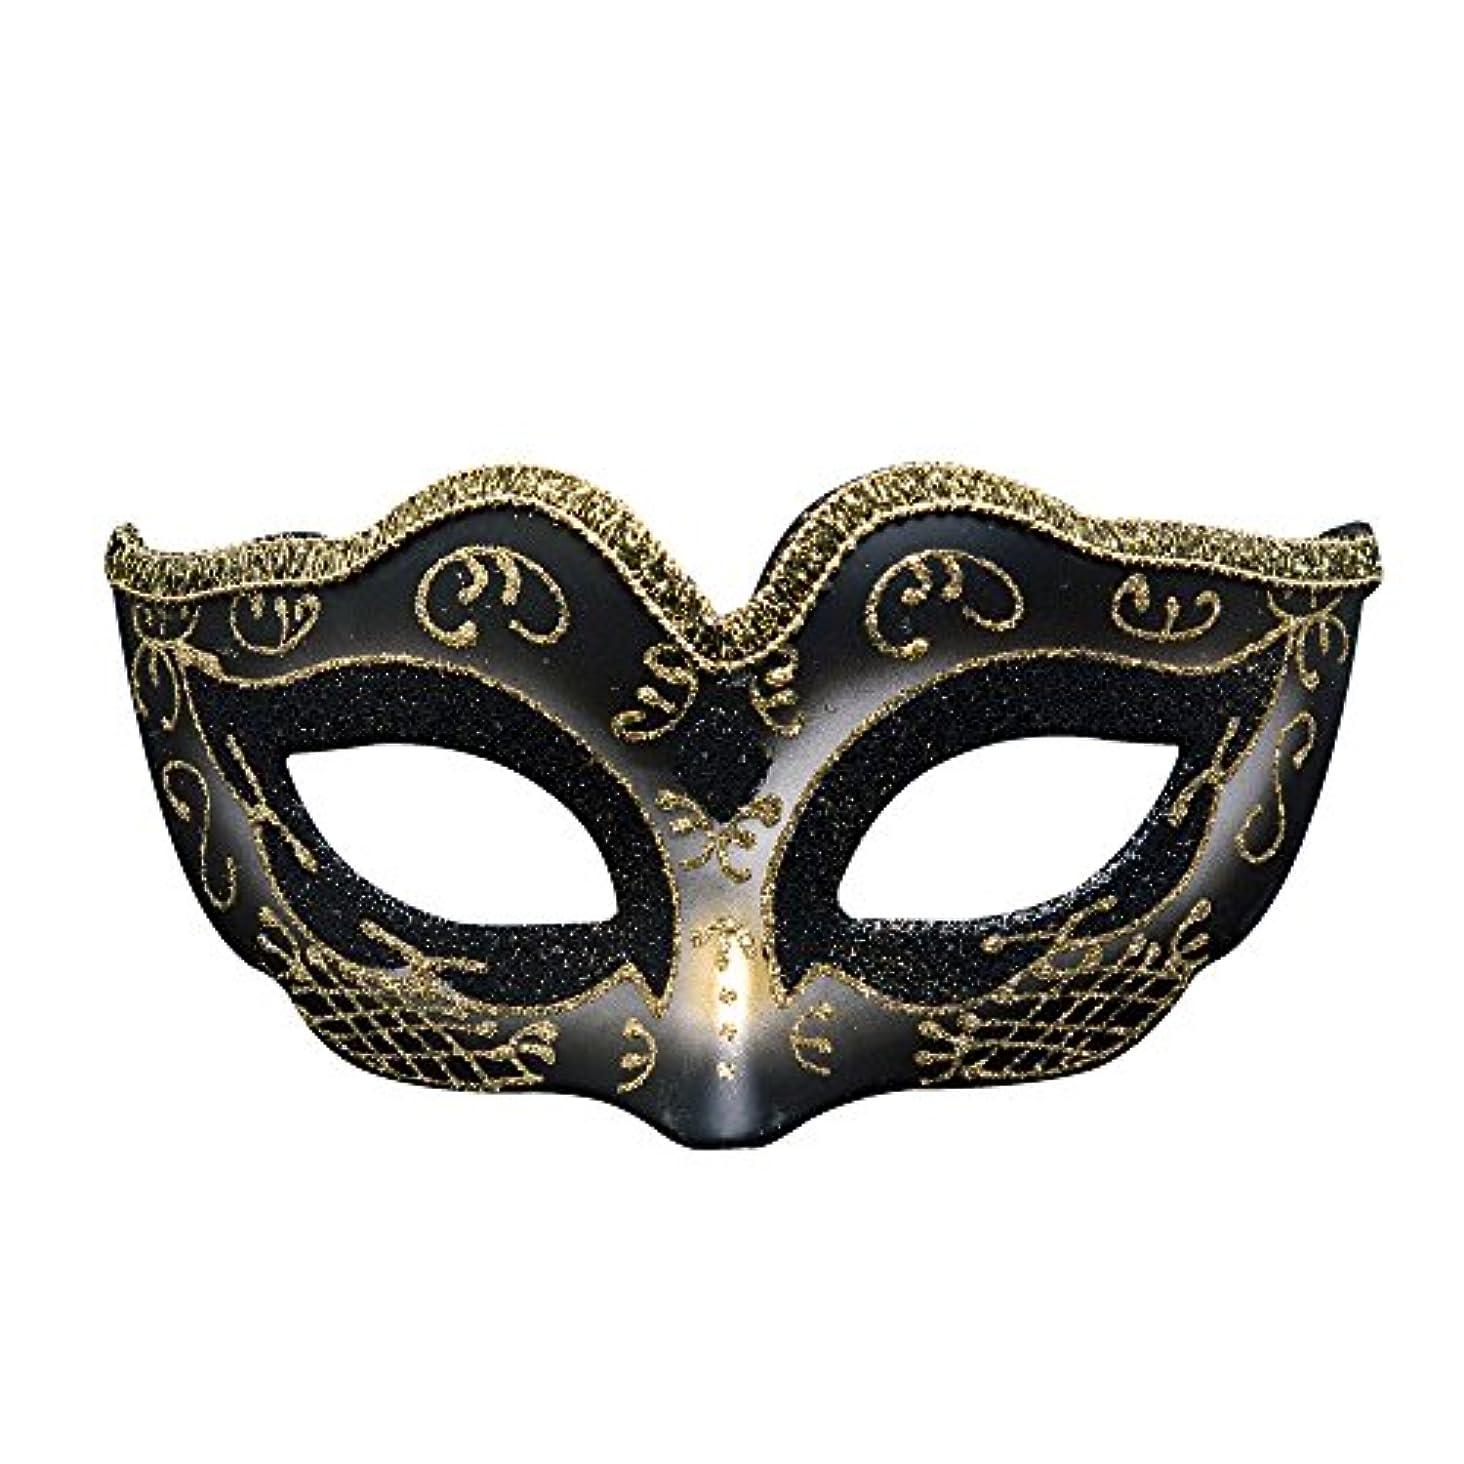 野生一節見つけるクリエイティブキッズマスカレードパーティーハロウィンマスククリスマス雰囲気マスク (Color : #2)